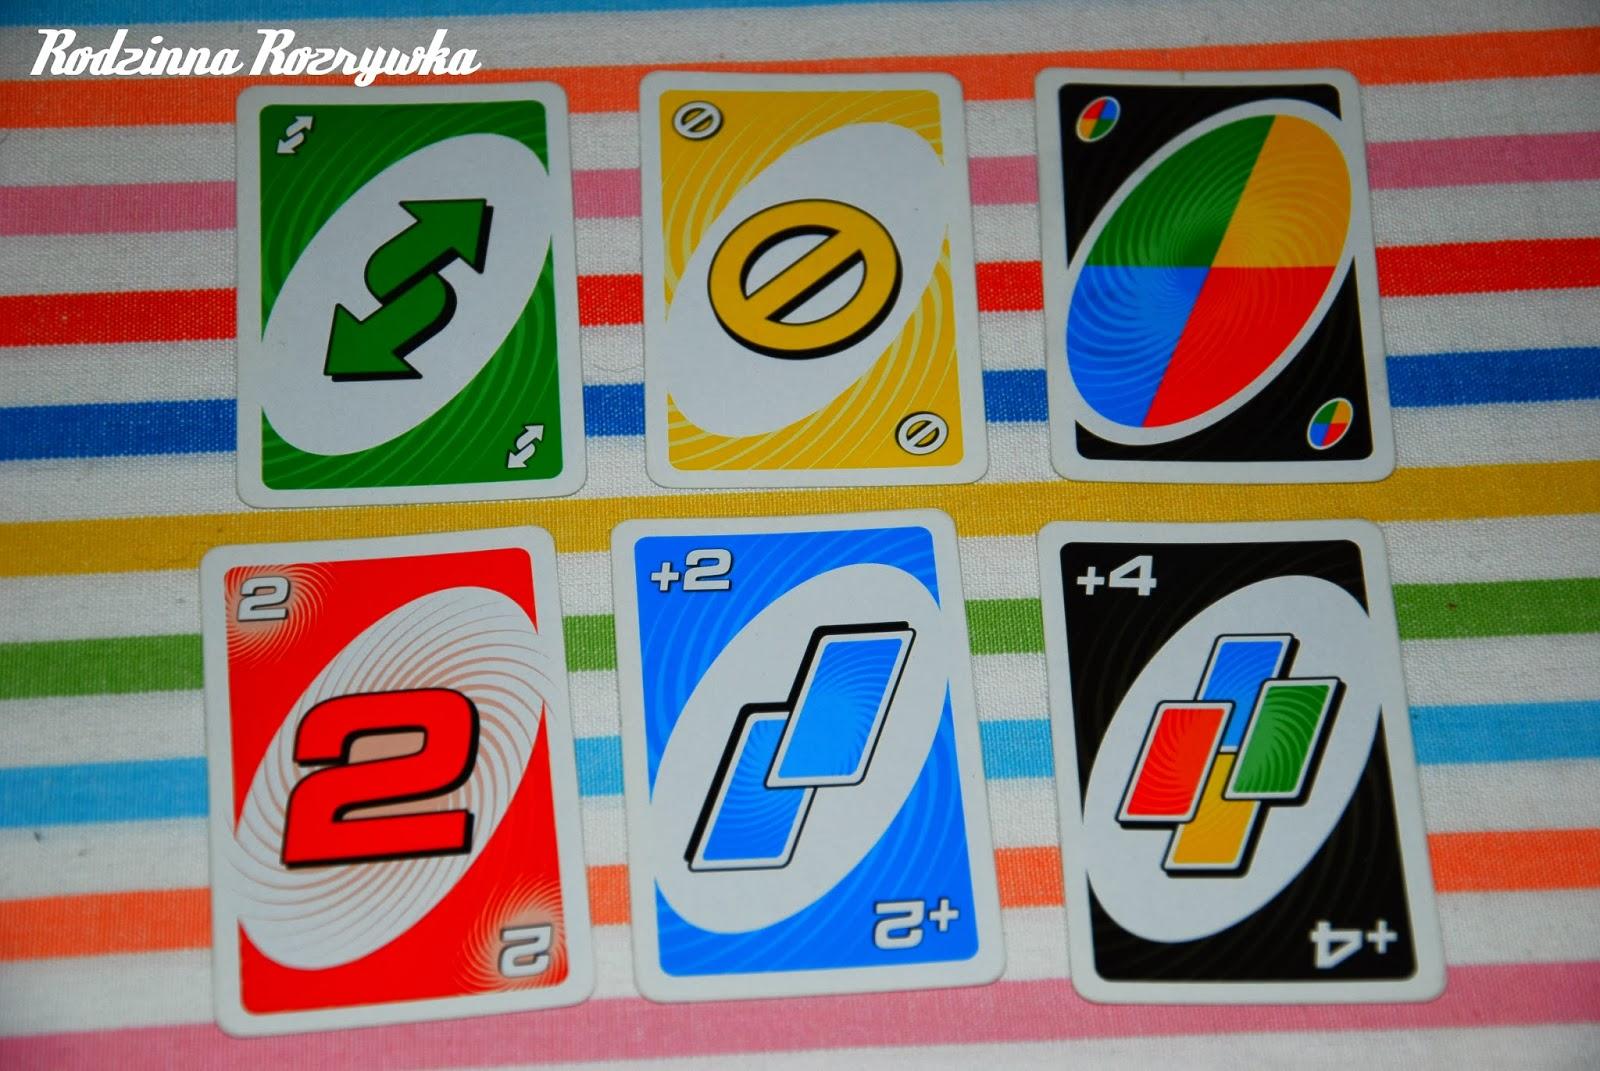 Uno Spin Rodzinna Rozrywka 24 7